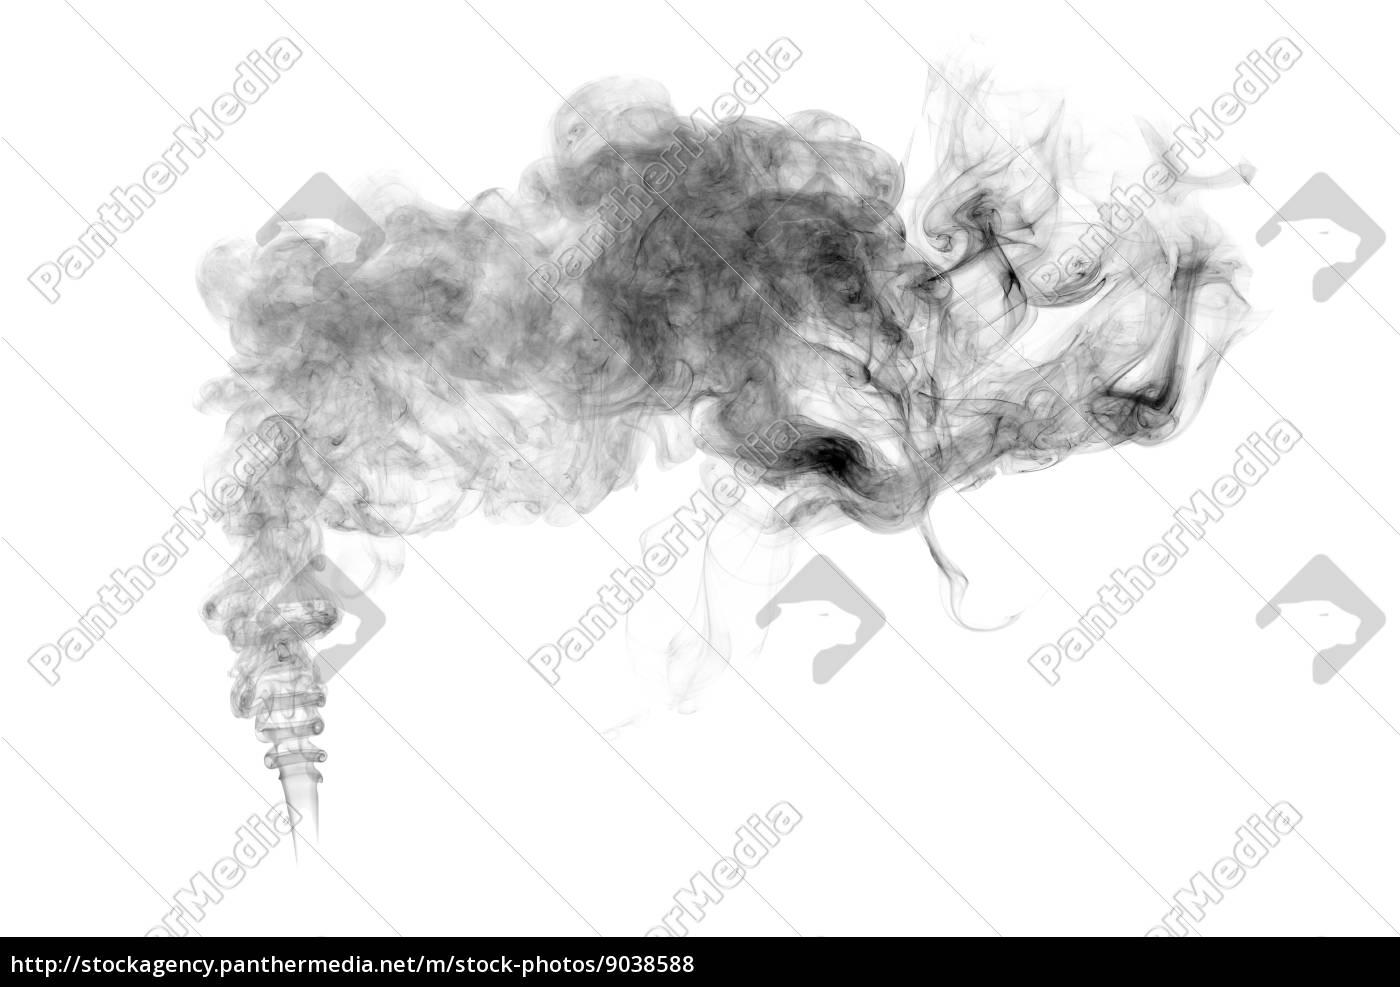 rauchen - 9038588